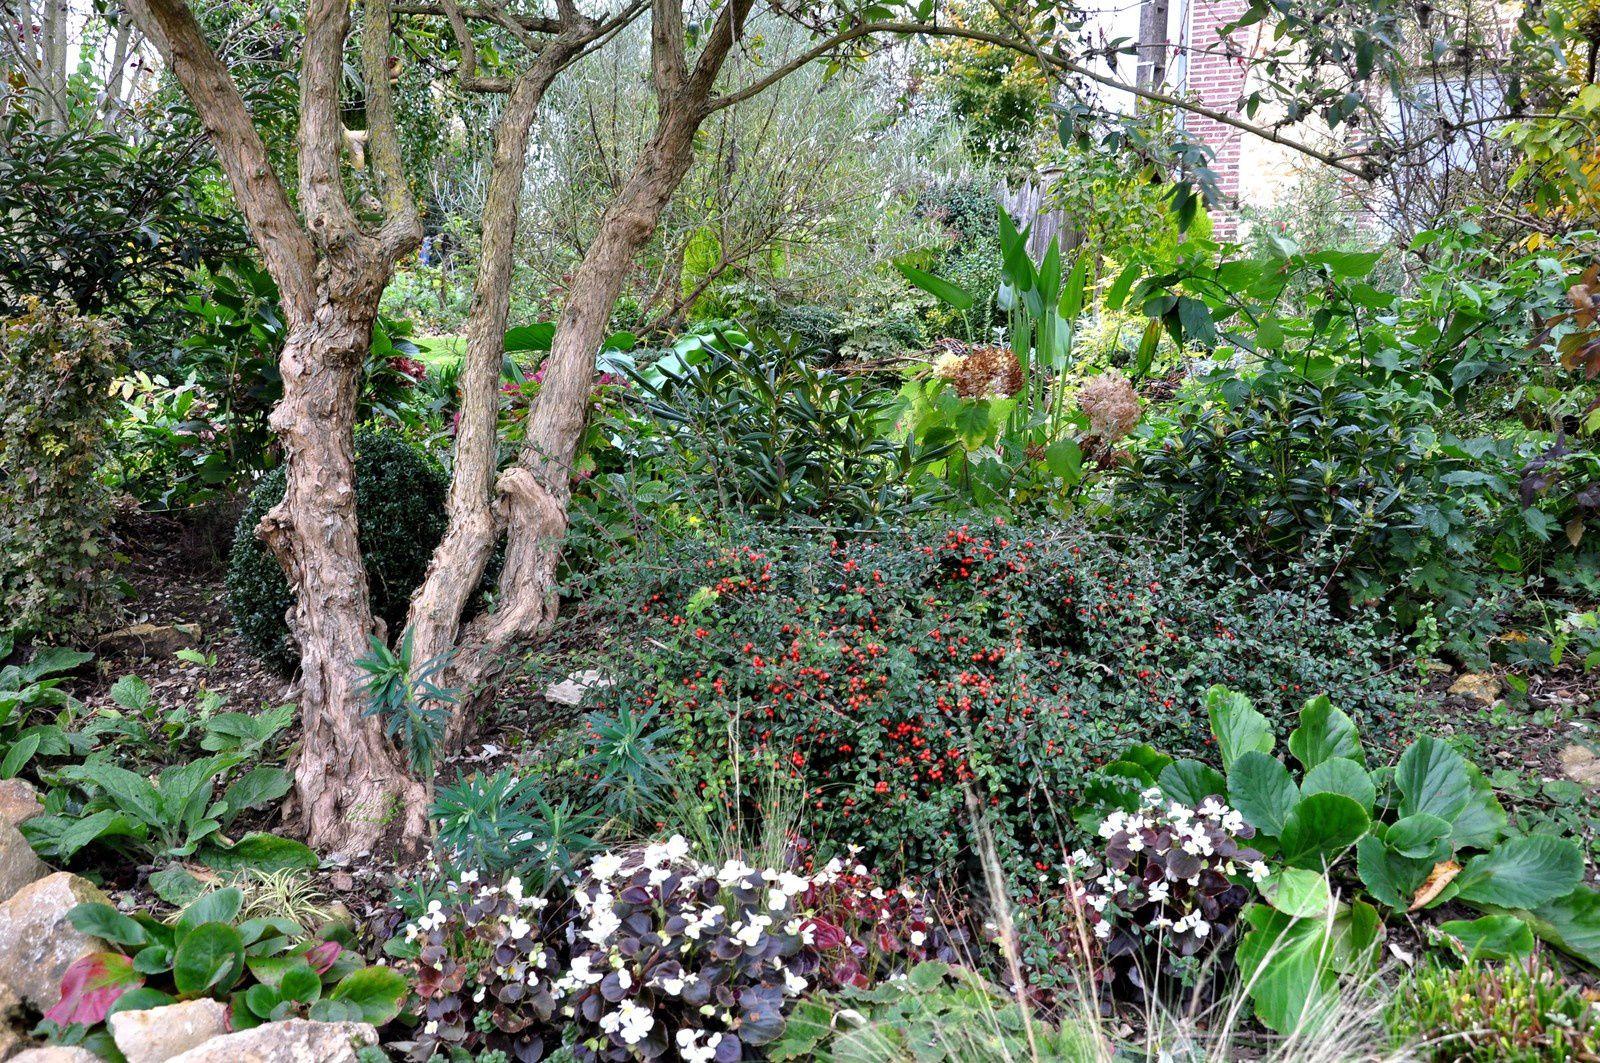 Un jardin reflet d'une âme jardinière